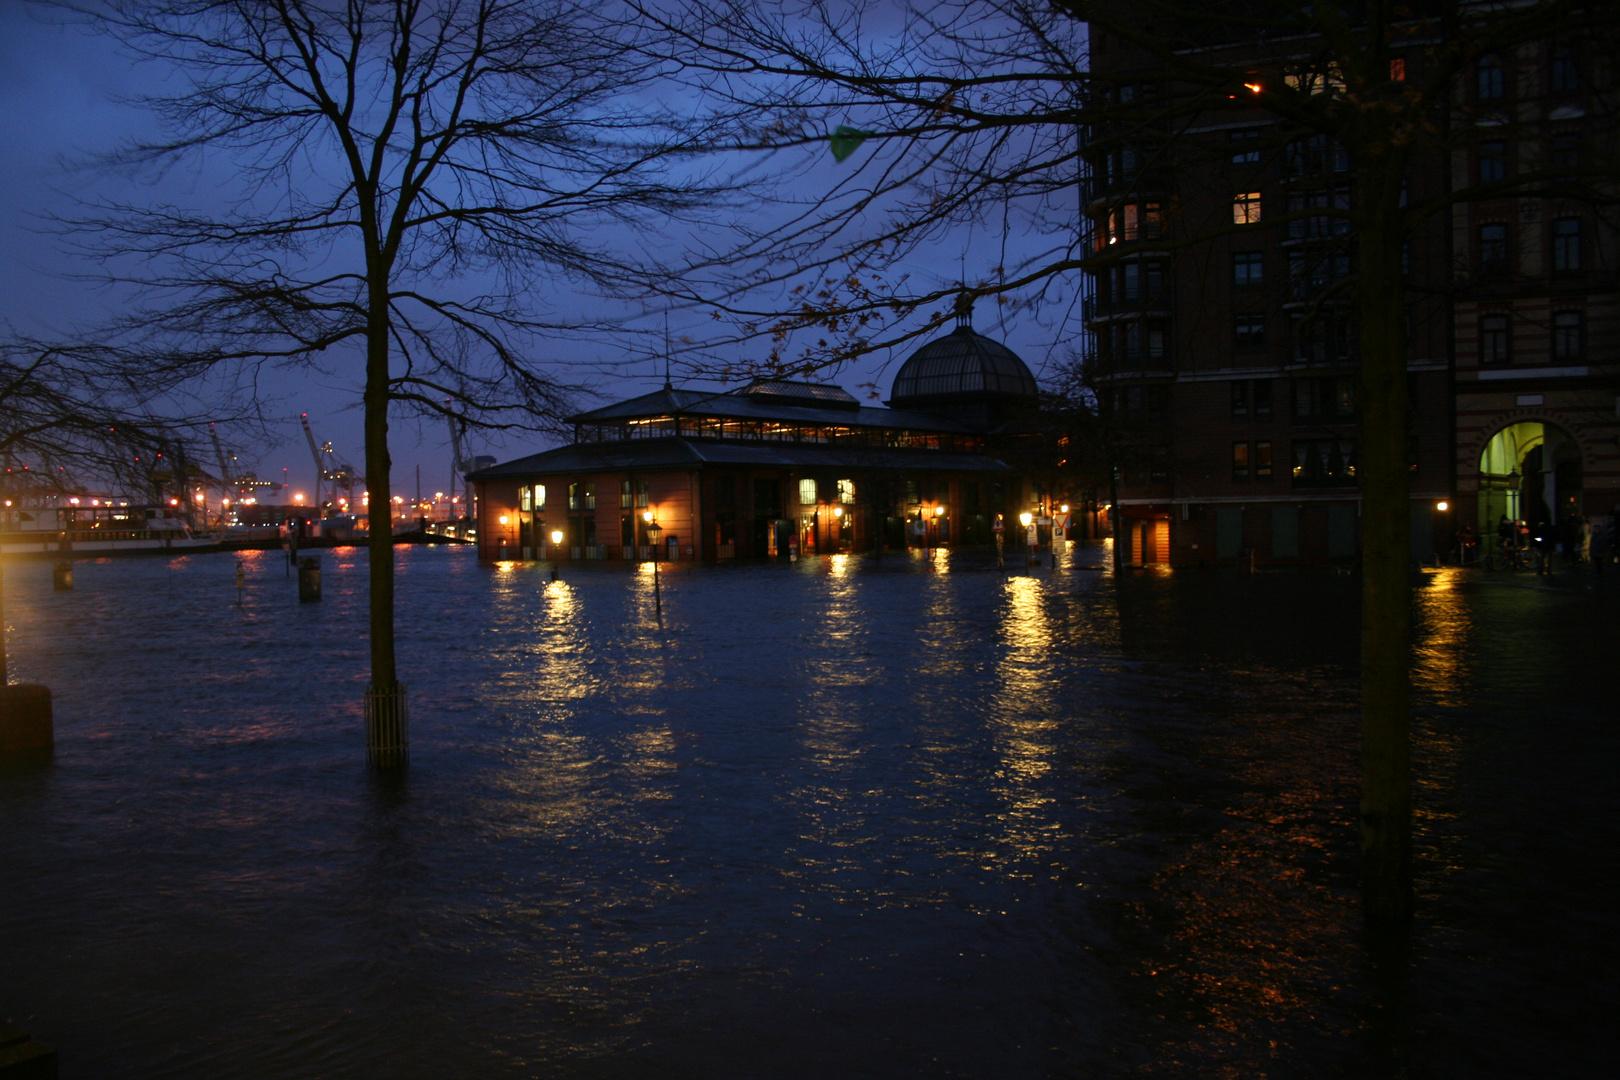 Fischmarkt Hamburg - Land unter vor der Fischauktionshalle